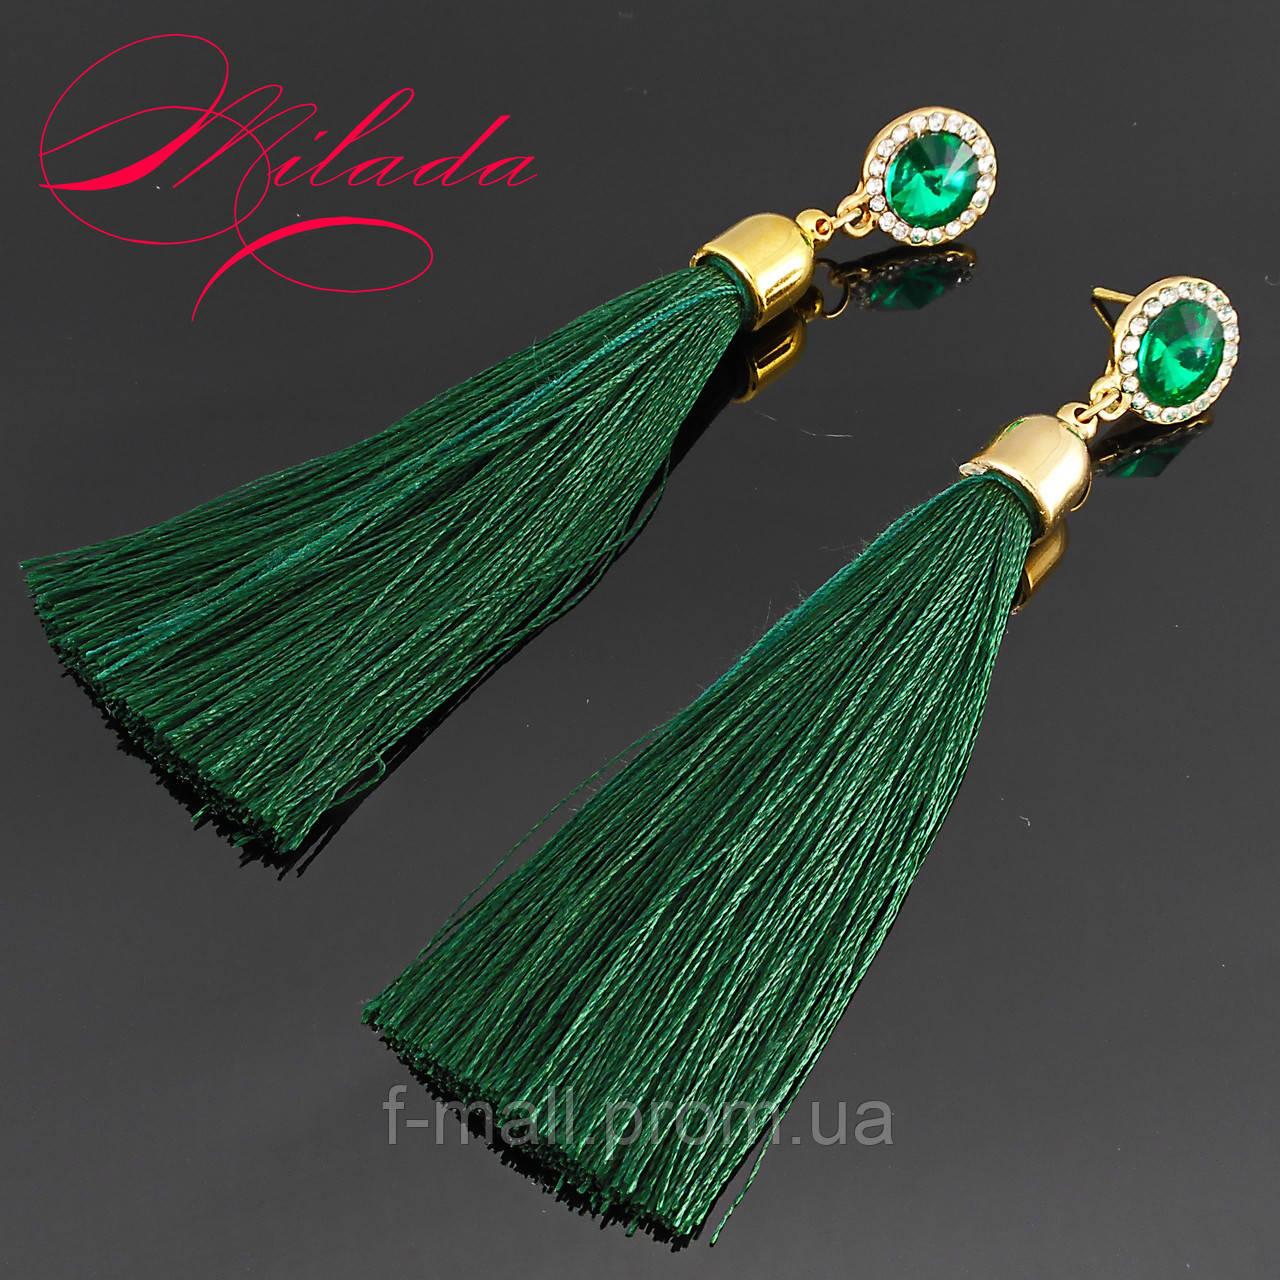 Сережки - пензлики зелені.